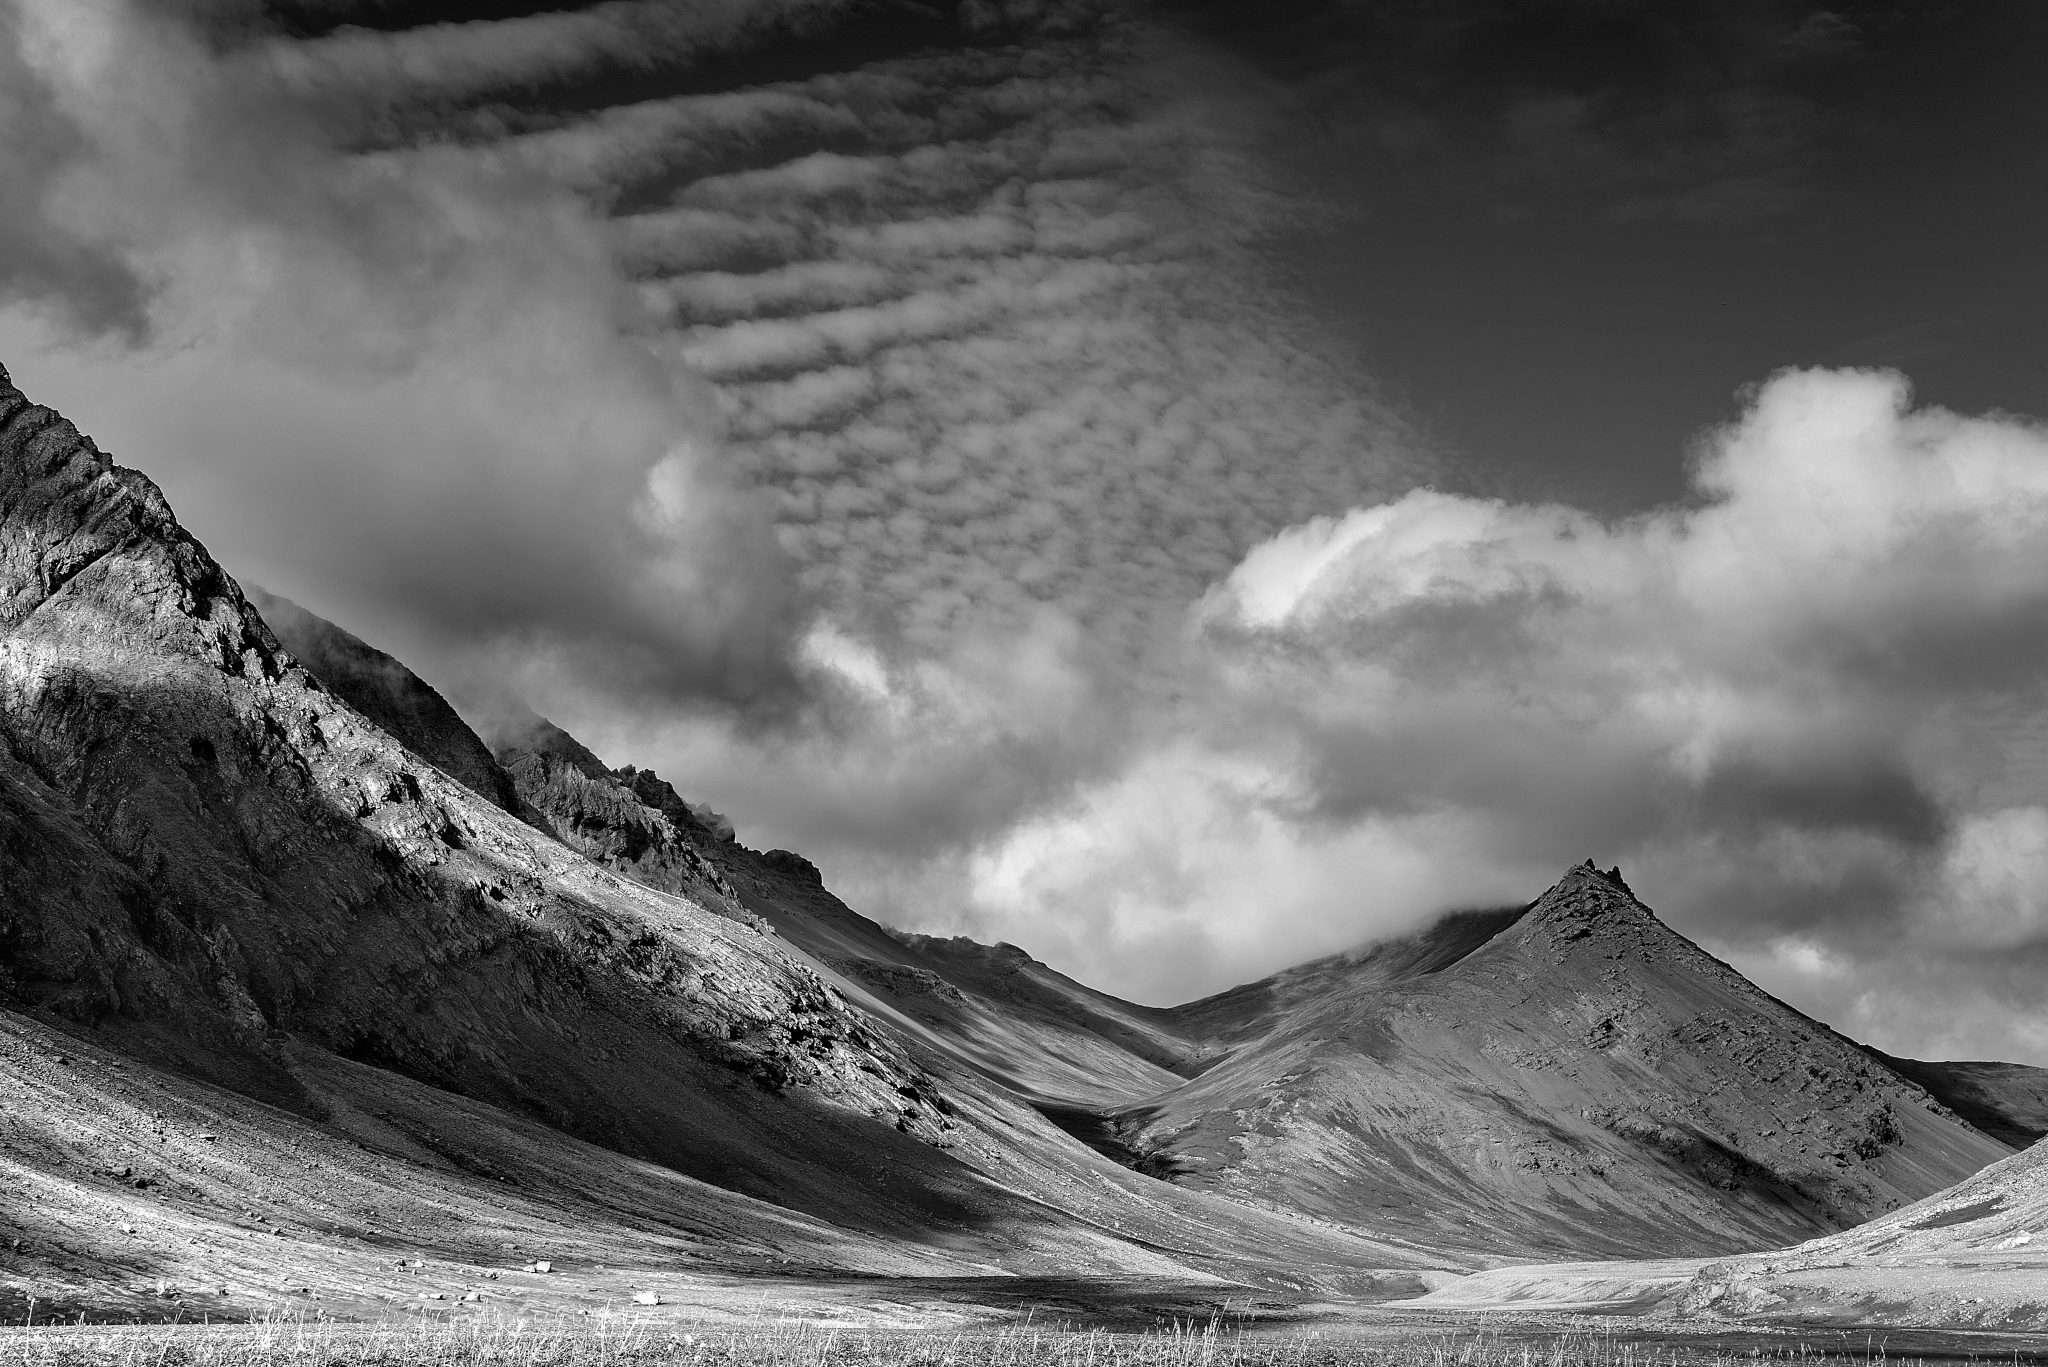 Fotografia montagne Islanda realizzata da Barbara Trincone, fotografa professionista paesaggista e di reportage con studio privato a Pozzuoli Napoli